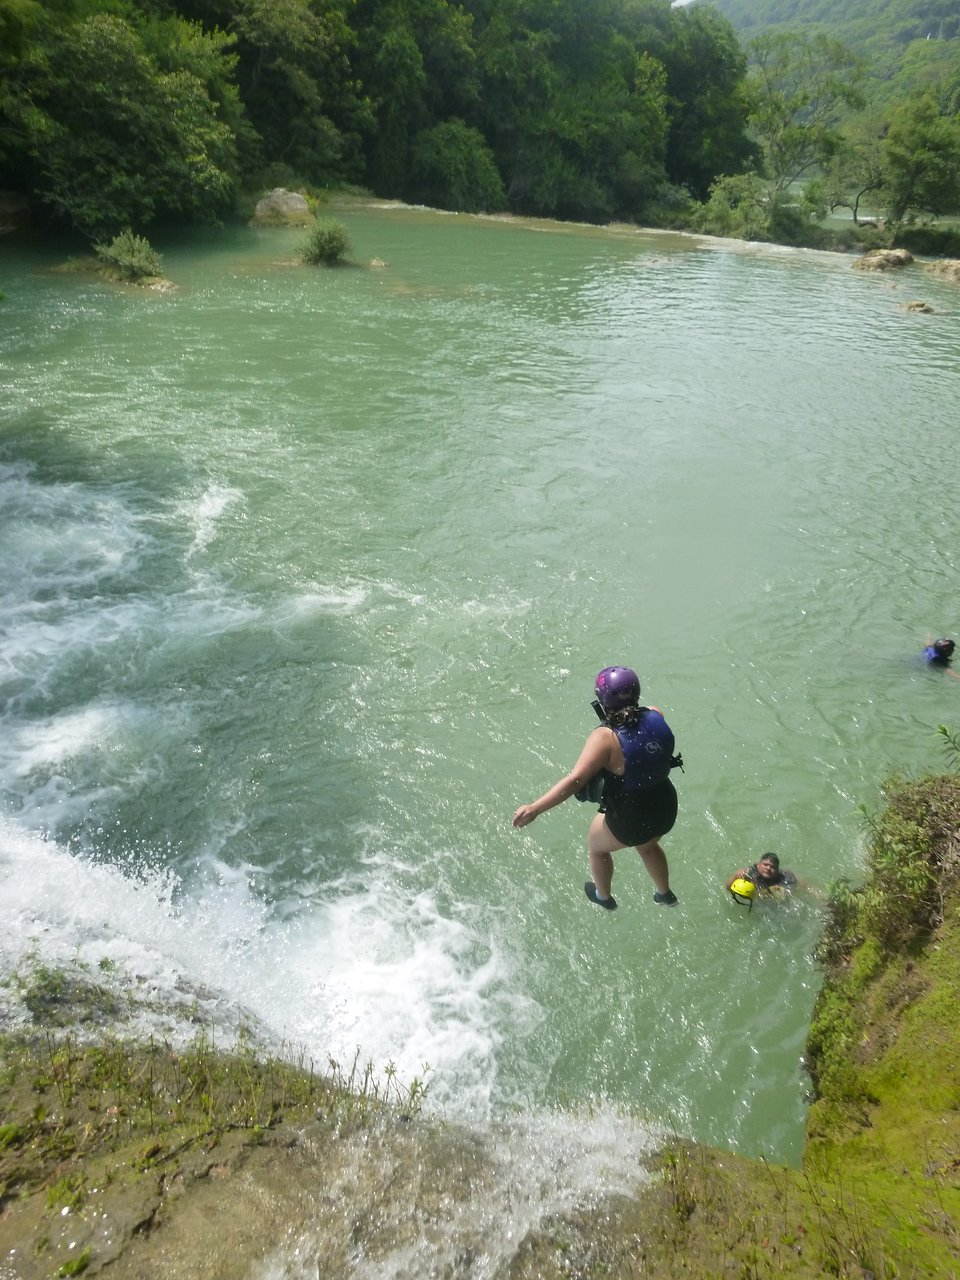 Cascada De Micos Ciudad Valles 2020 All You Need To Know Before You Go With Photos Tripadvisor